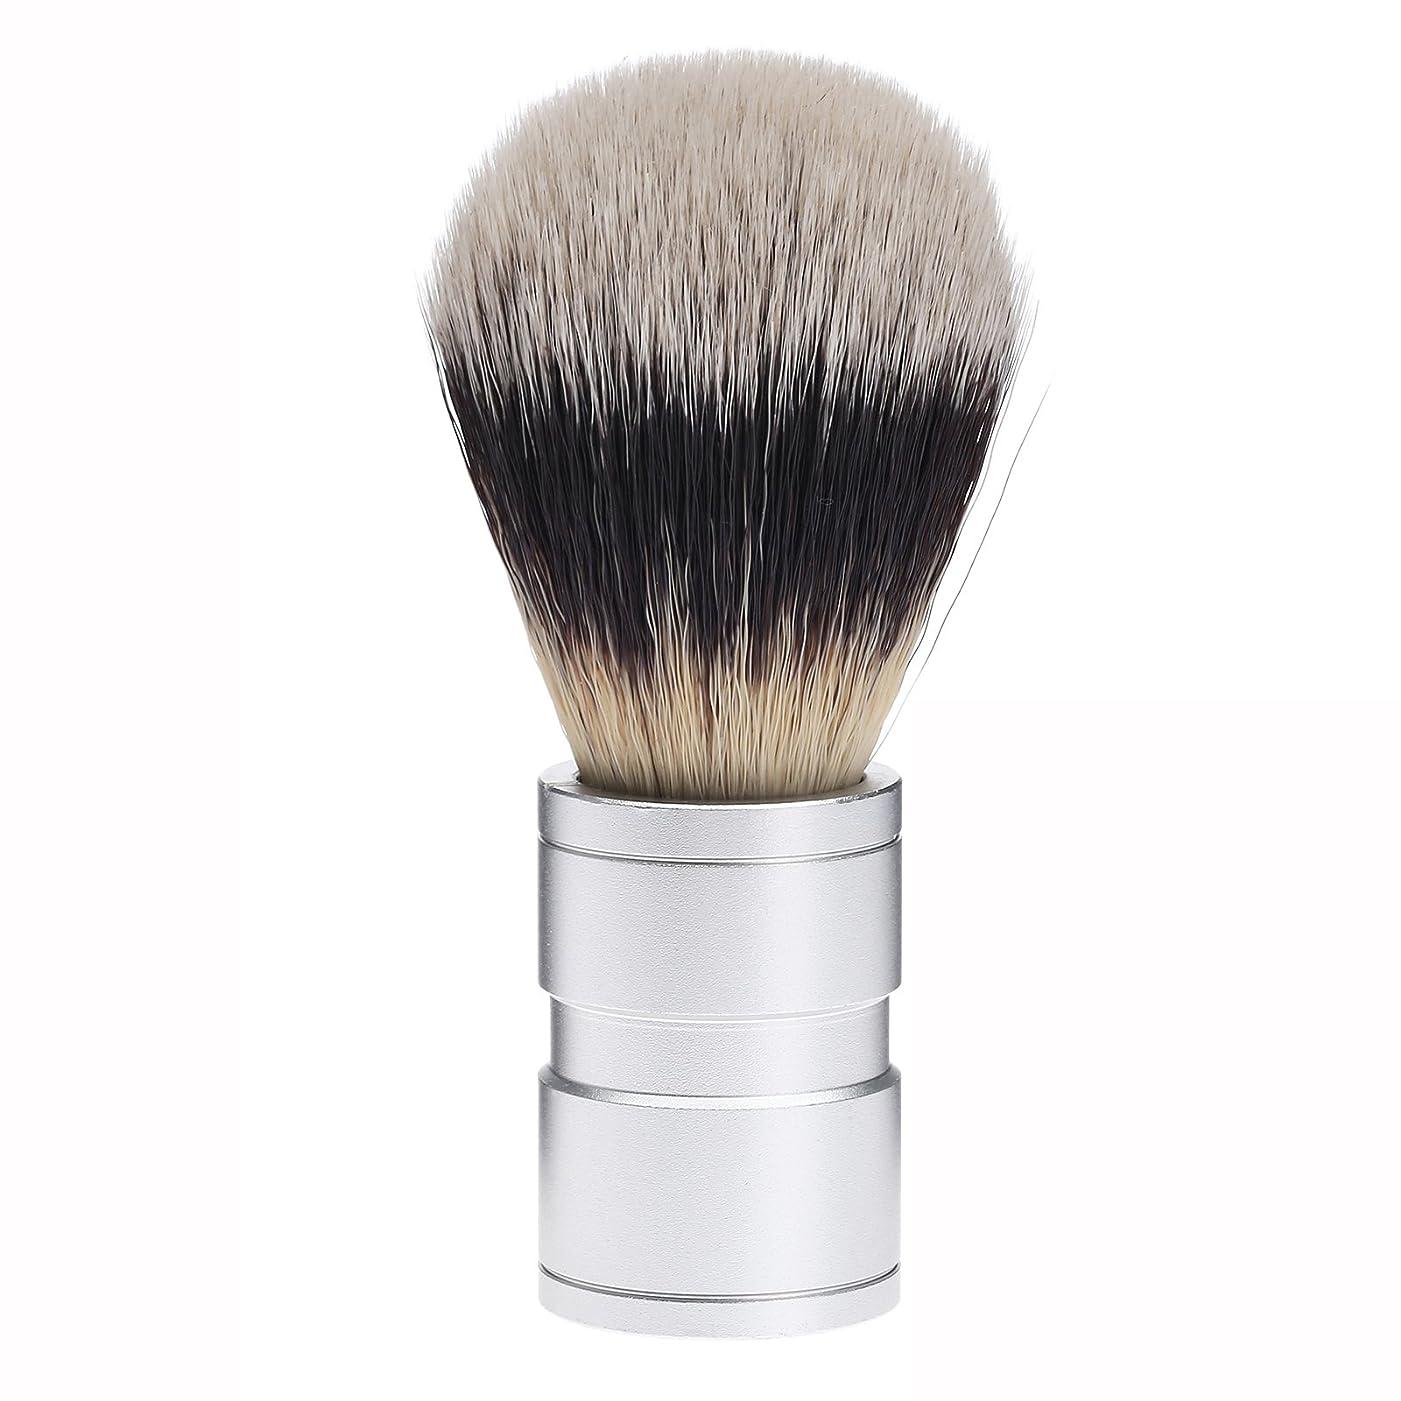 飼い慣らす解決する絶望Dophee  シェービング用ブラシ シェービングブラシ メンズ 洗顔ブラシ イミテーションアナグマ毛 ファイン模倣 理容 洗顔 髭剃り